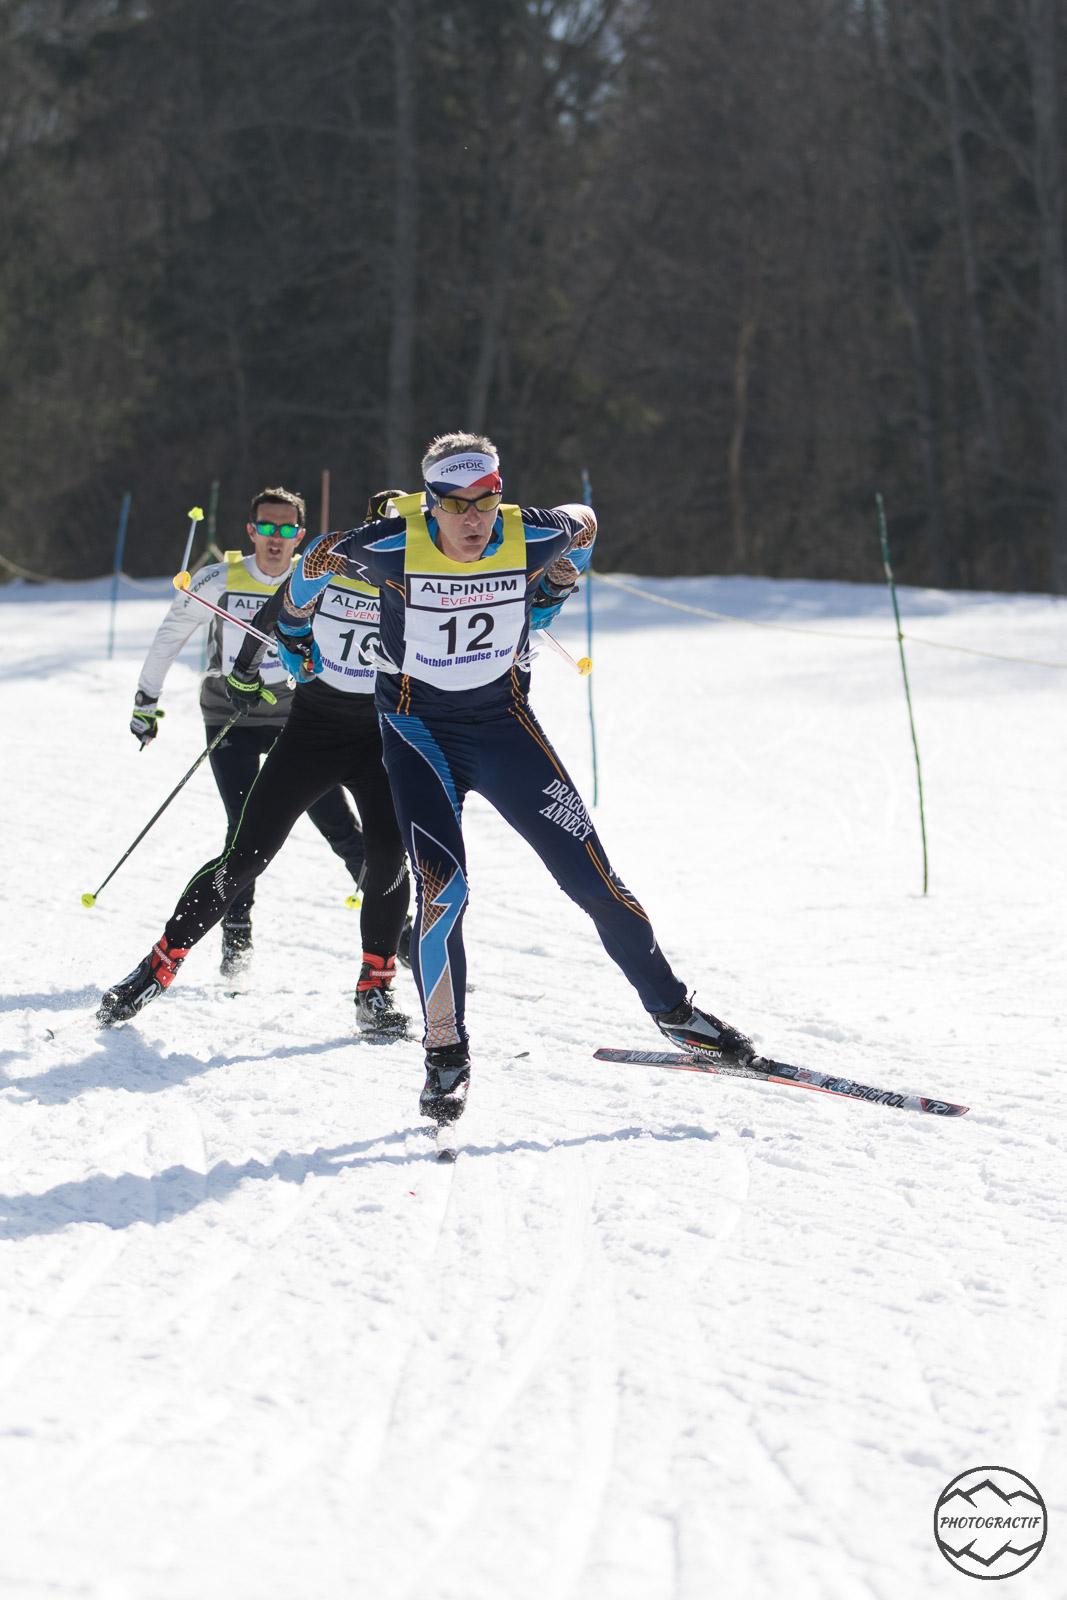 Biathlon Alpinum Les Contamines 2019 (57)